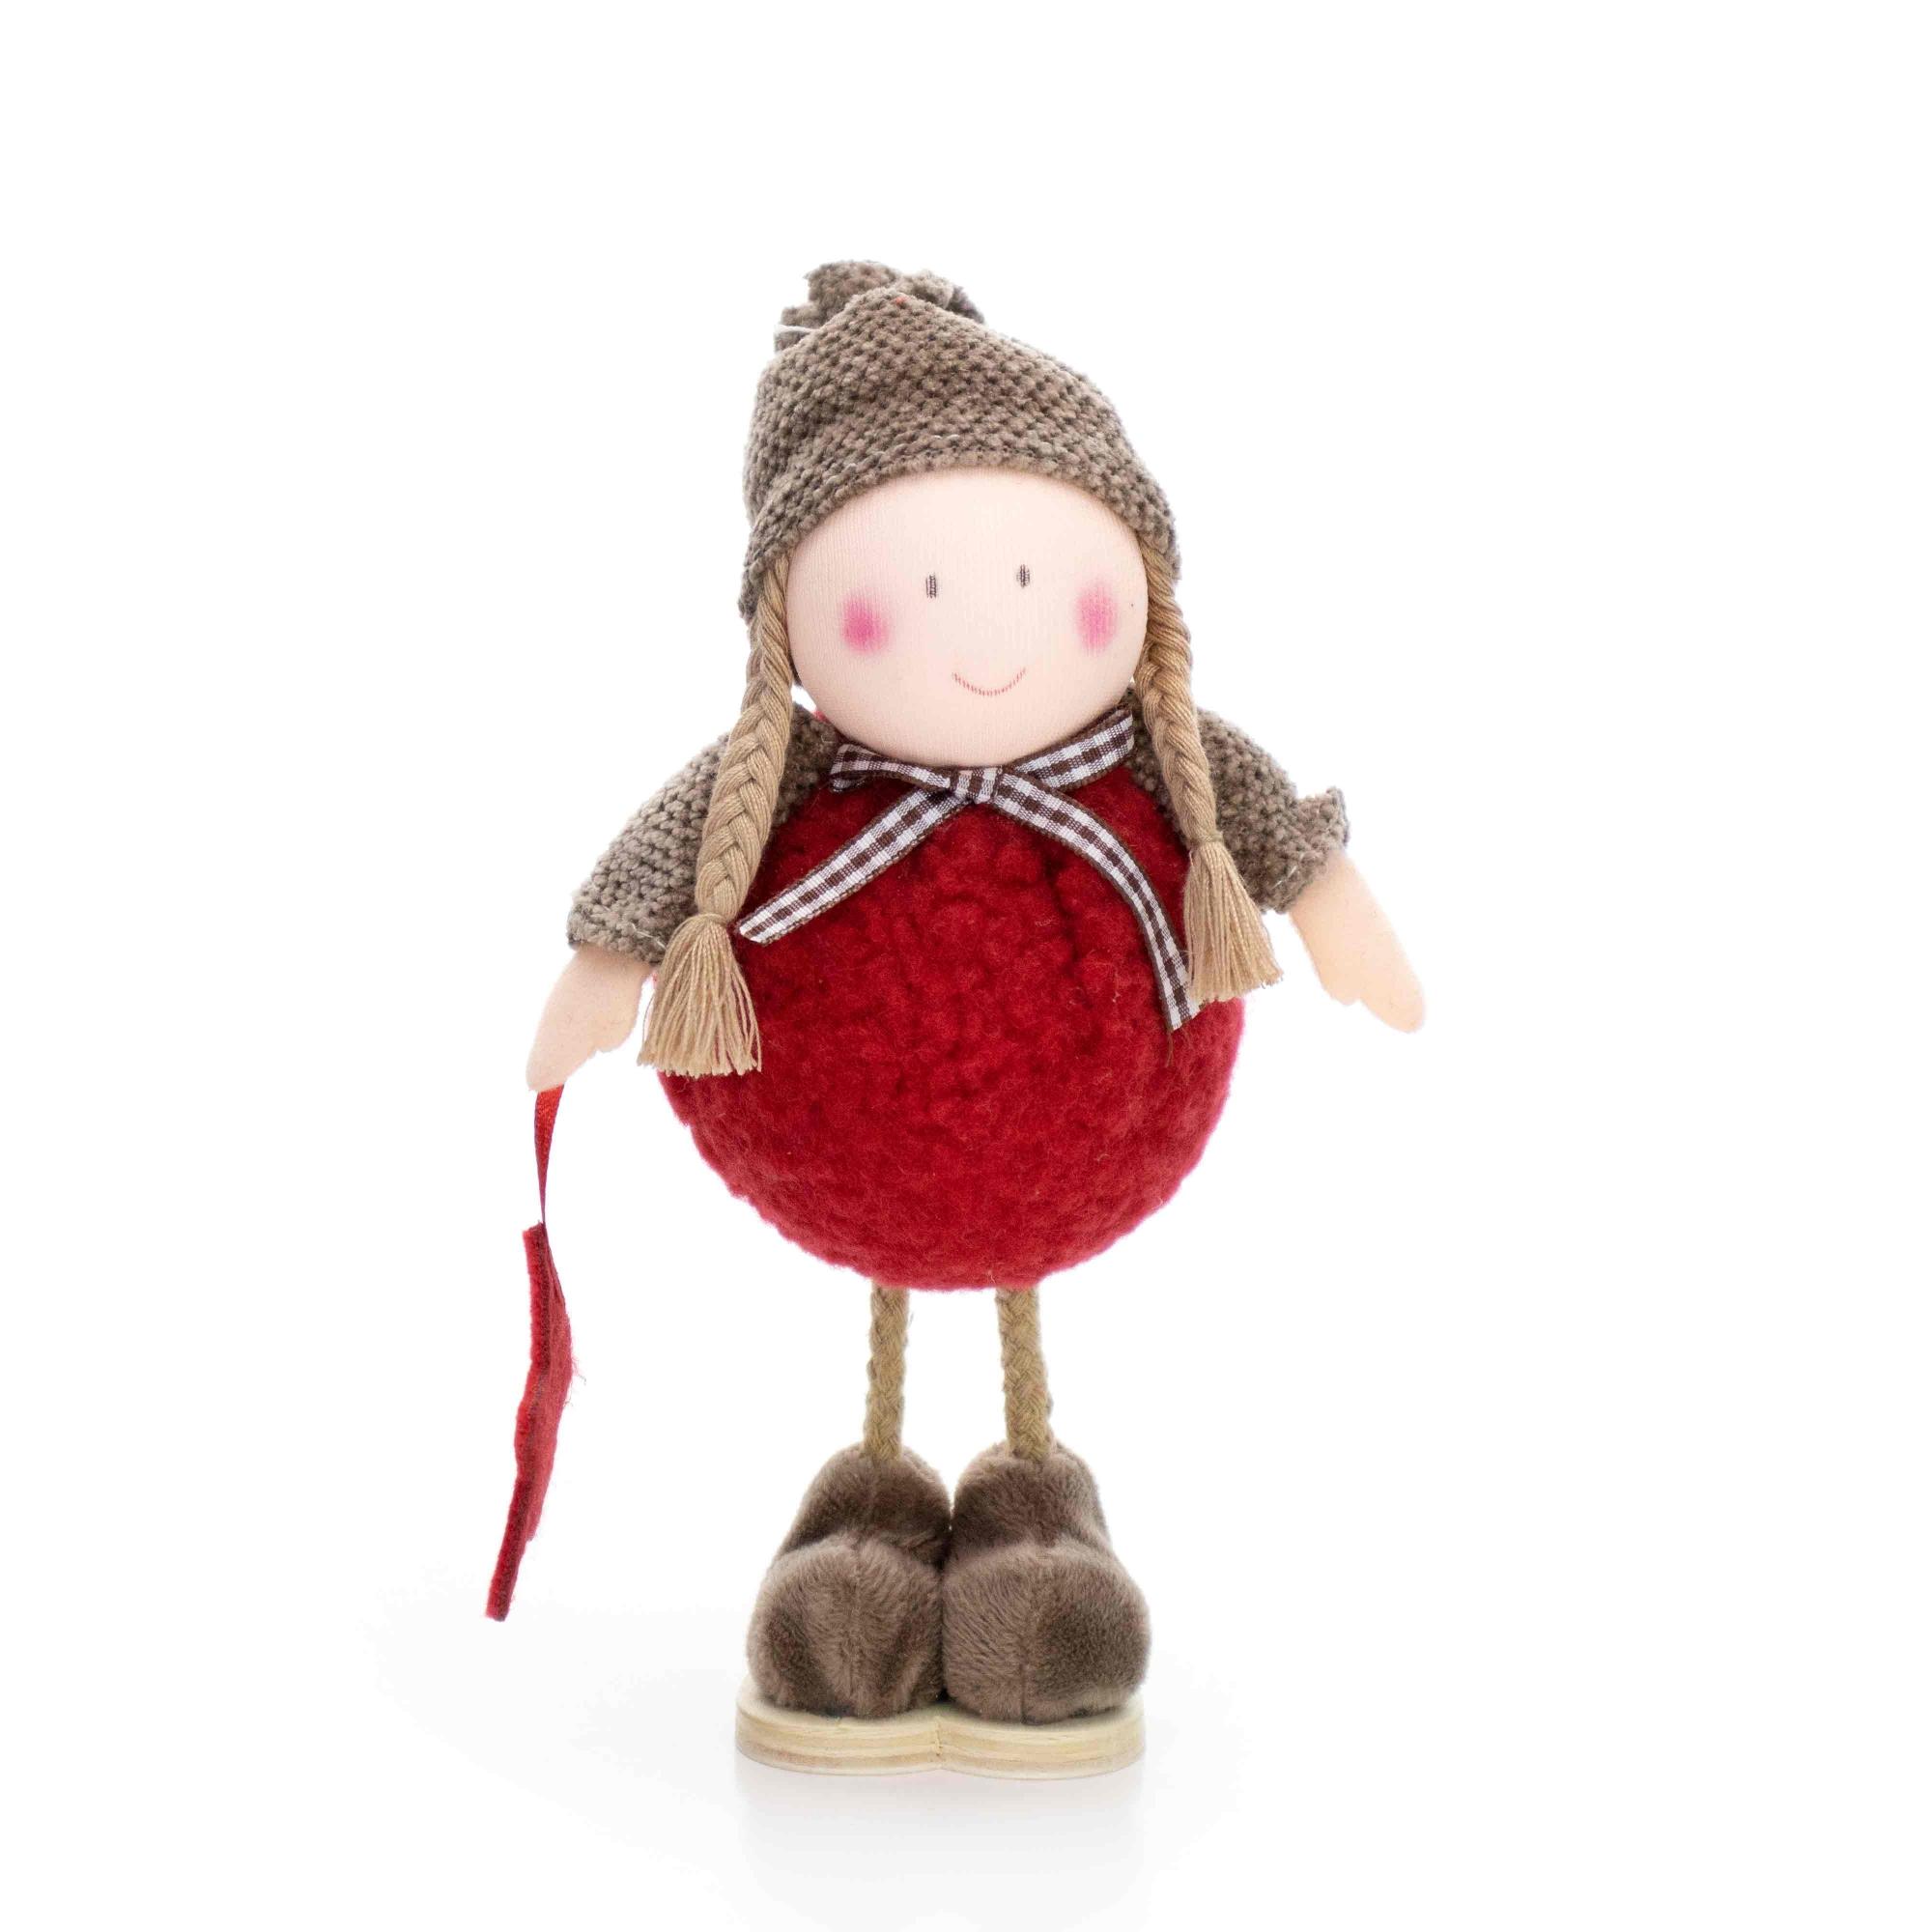 Boneco de Natal Menina em Pé Vermelho e Marrom 20 cm - D'Rossi